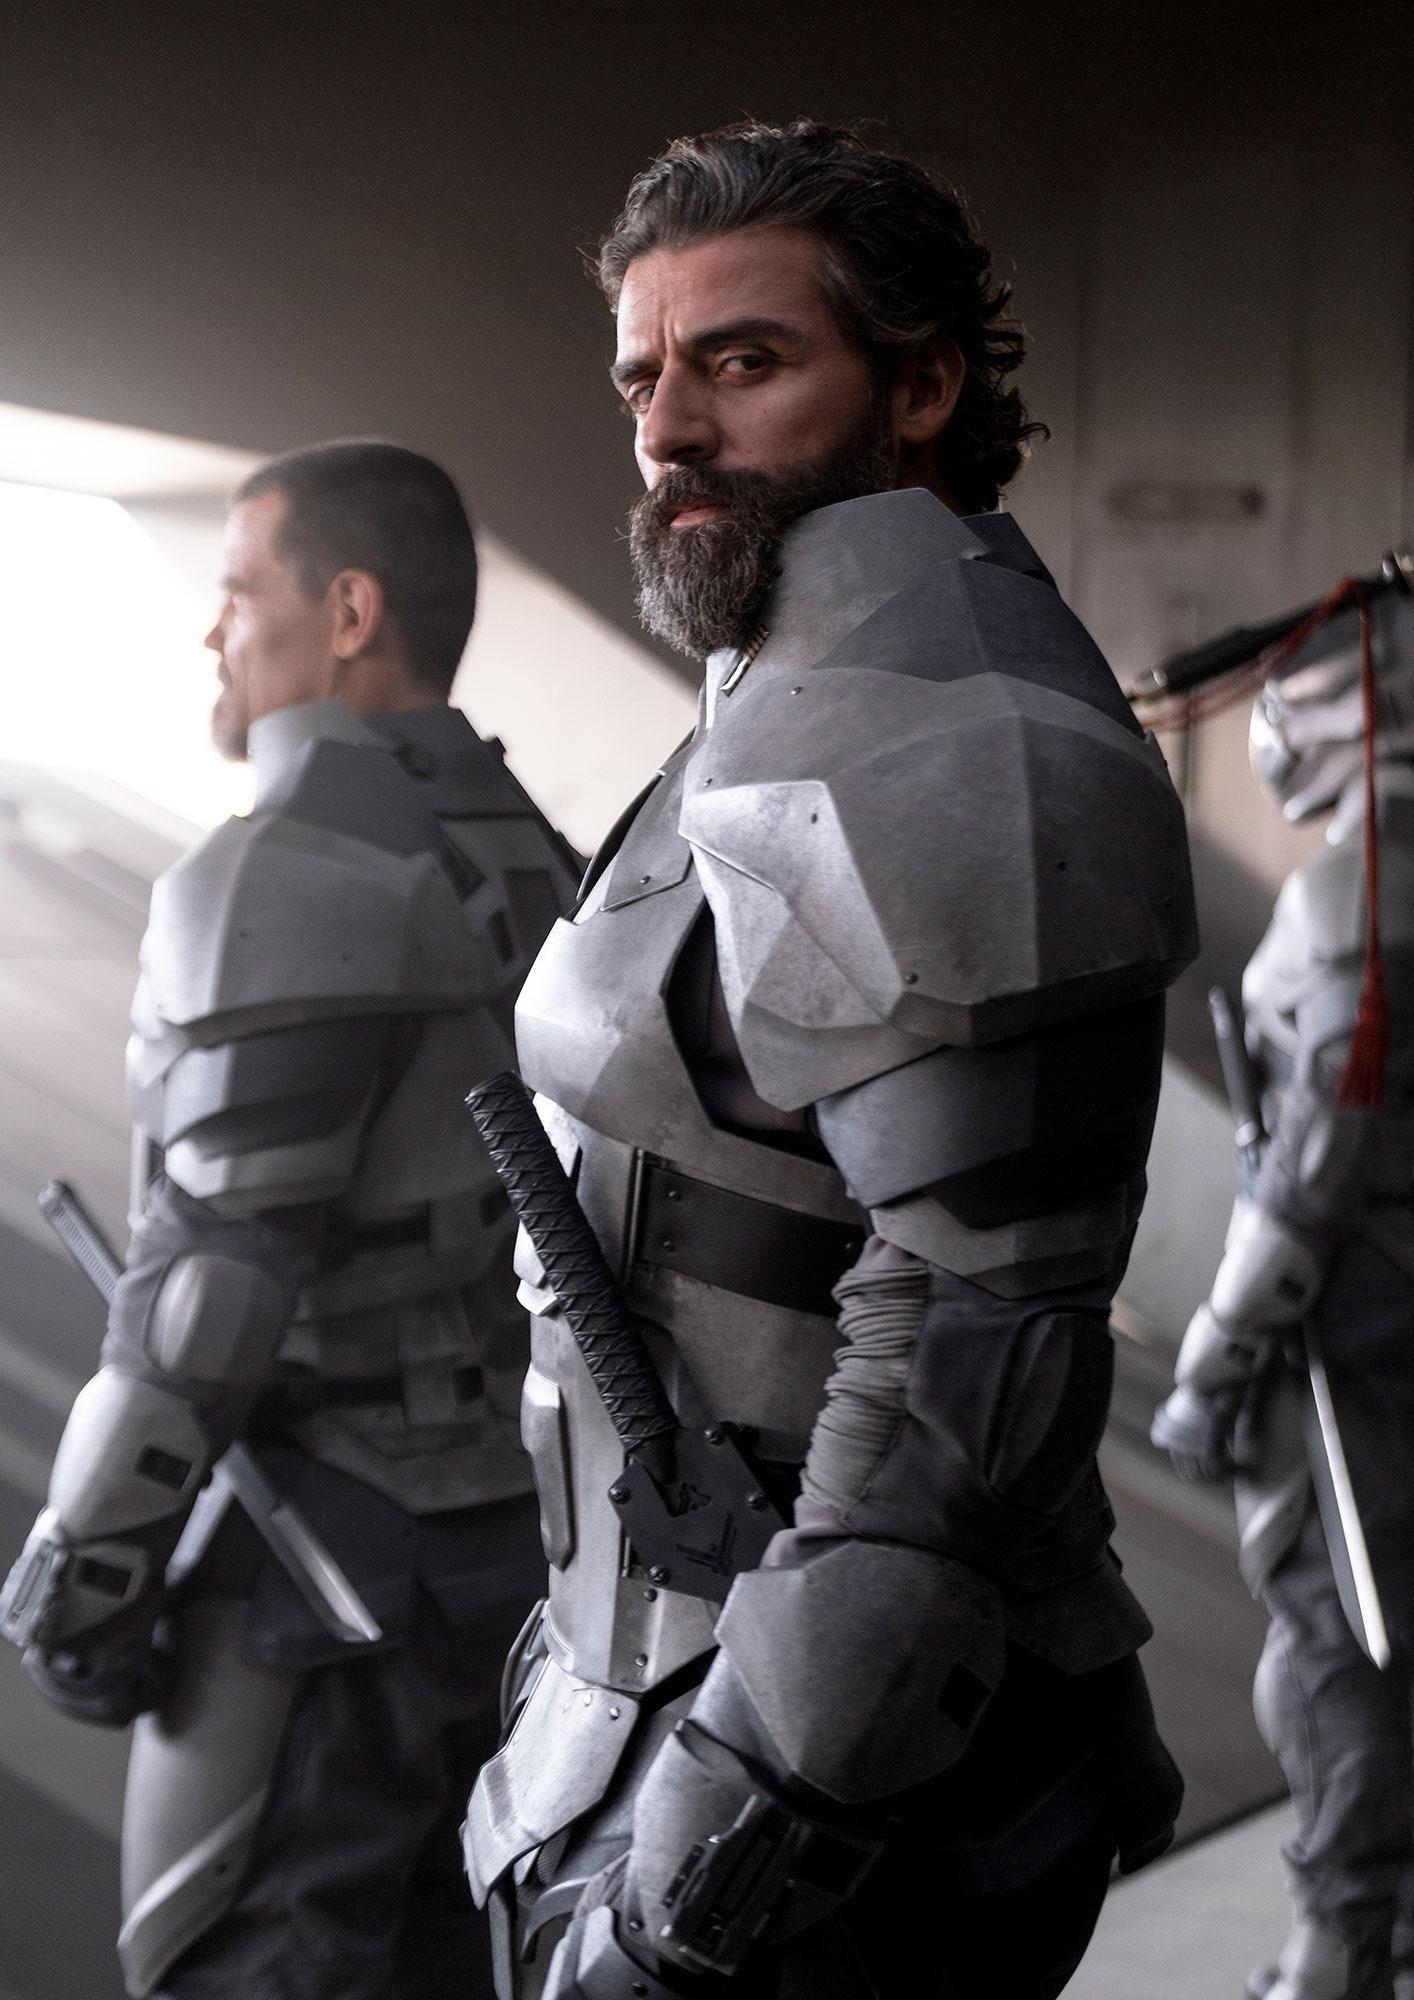 Dune 2020 - Oscar Isaac as Duke Leto Atreides